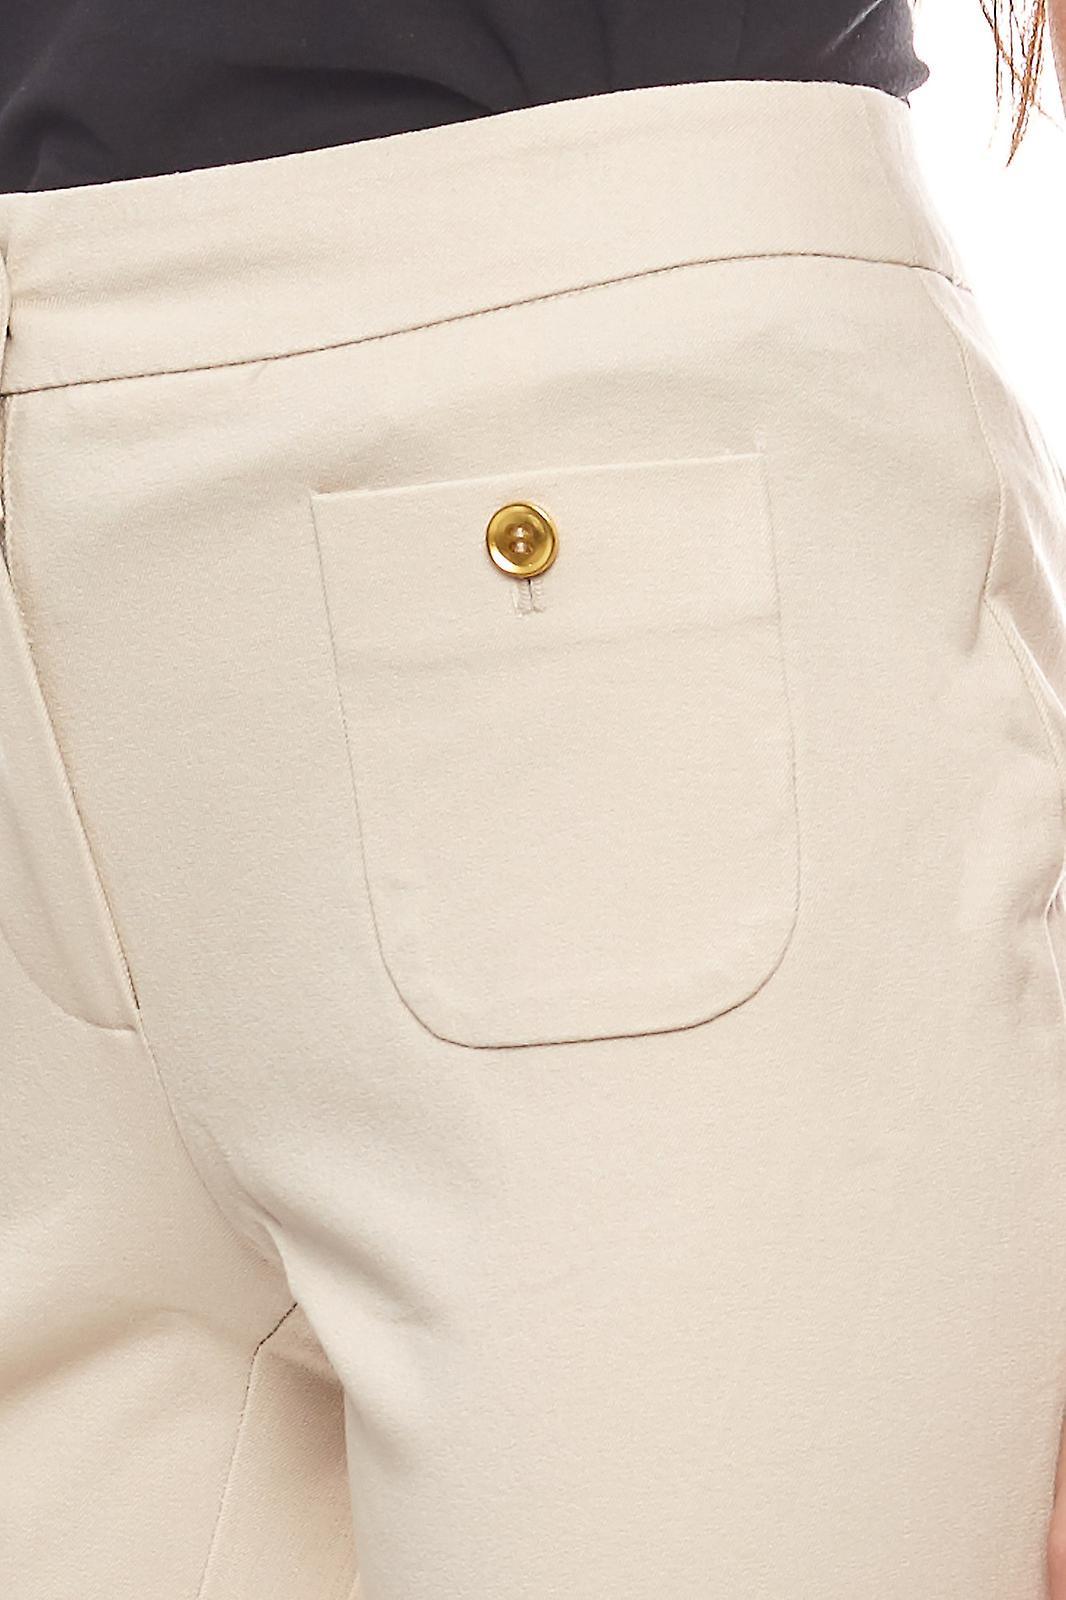 vivance collection Hose stylische Damen Businesshose Kurzgröße Beige